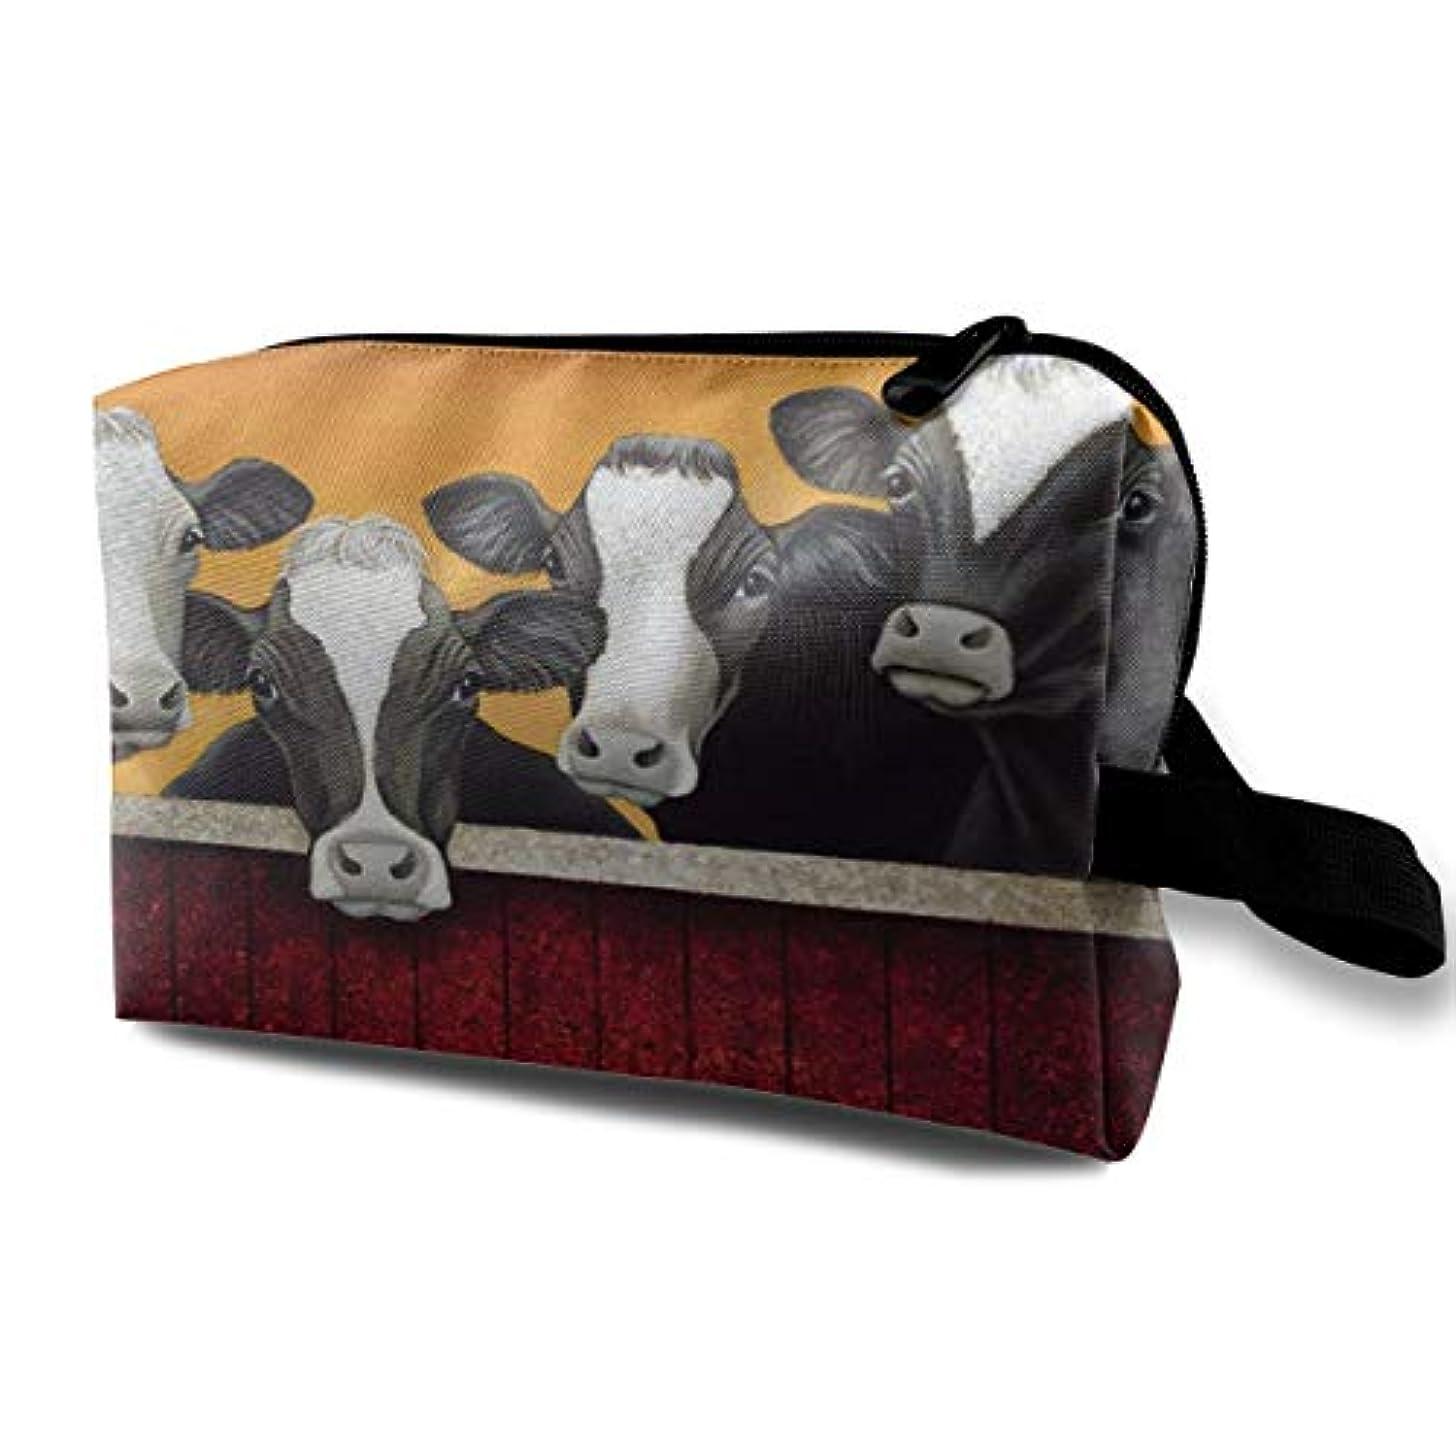 本質的ではない閲覧するスロープFunny Milk Cow 収納ポーチ 化粧ポーチ 大容量 軽量 耐久性 ハンドル付持ち運び便利。入れ 自宅?出張?旅行?アウトドア撮影などに対応。メンズ レディース トラベルグッズ